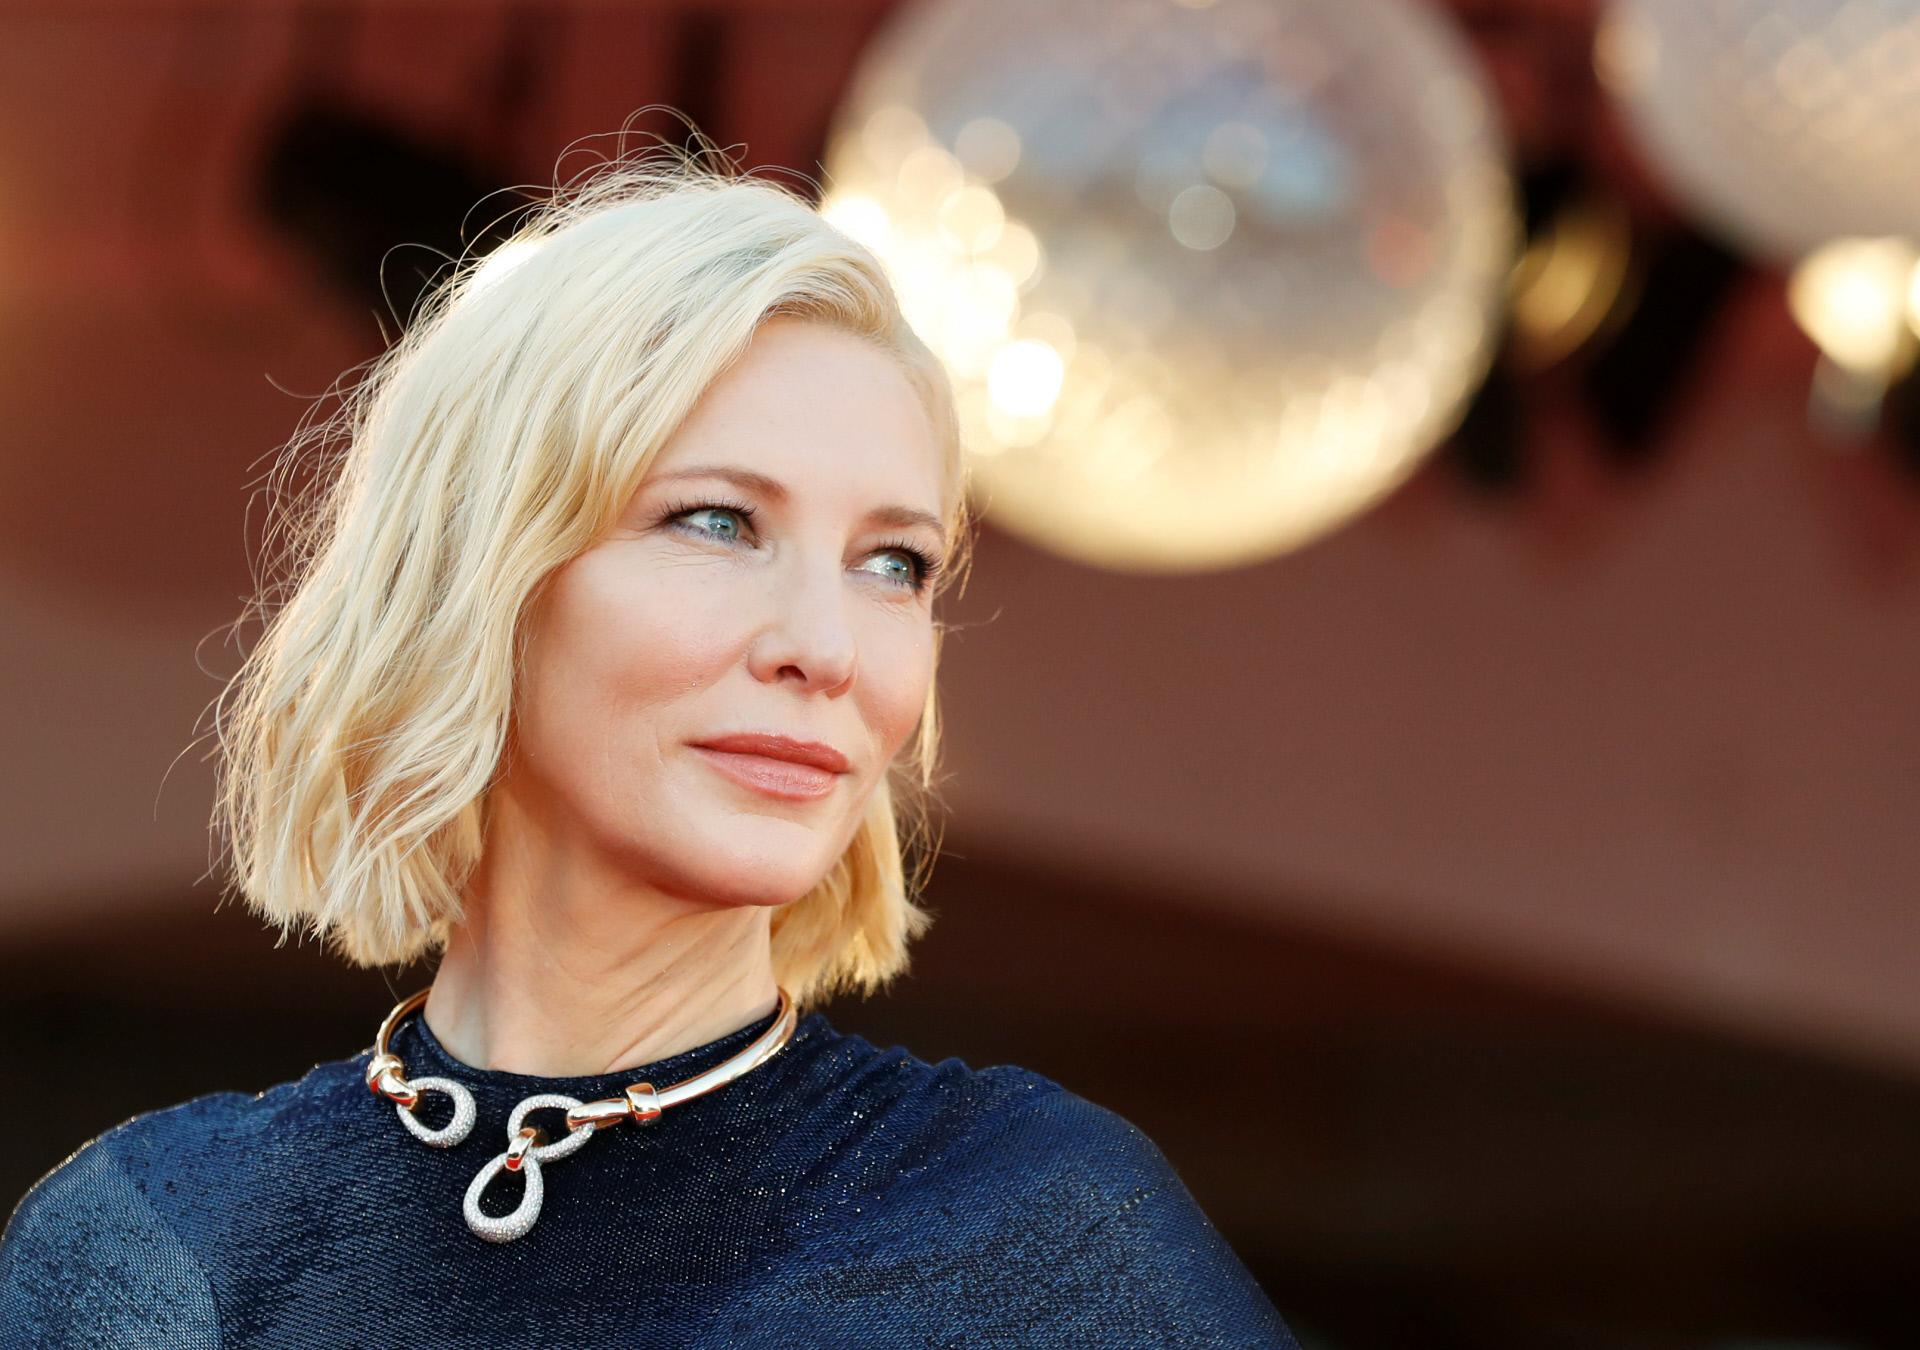 La actriz Cate Blanchett, en una imagen del pasado septiembre.